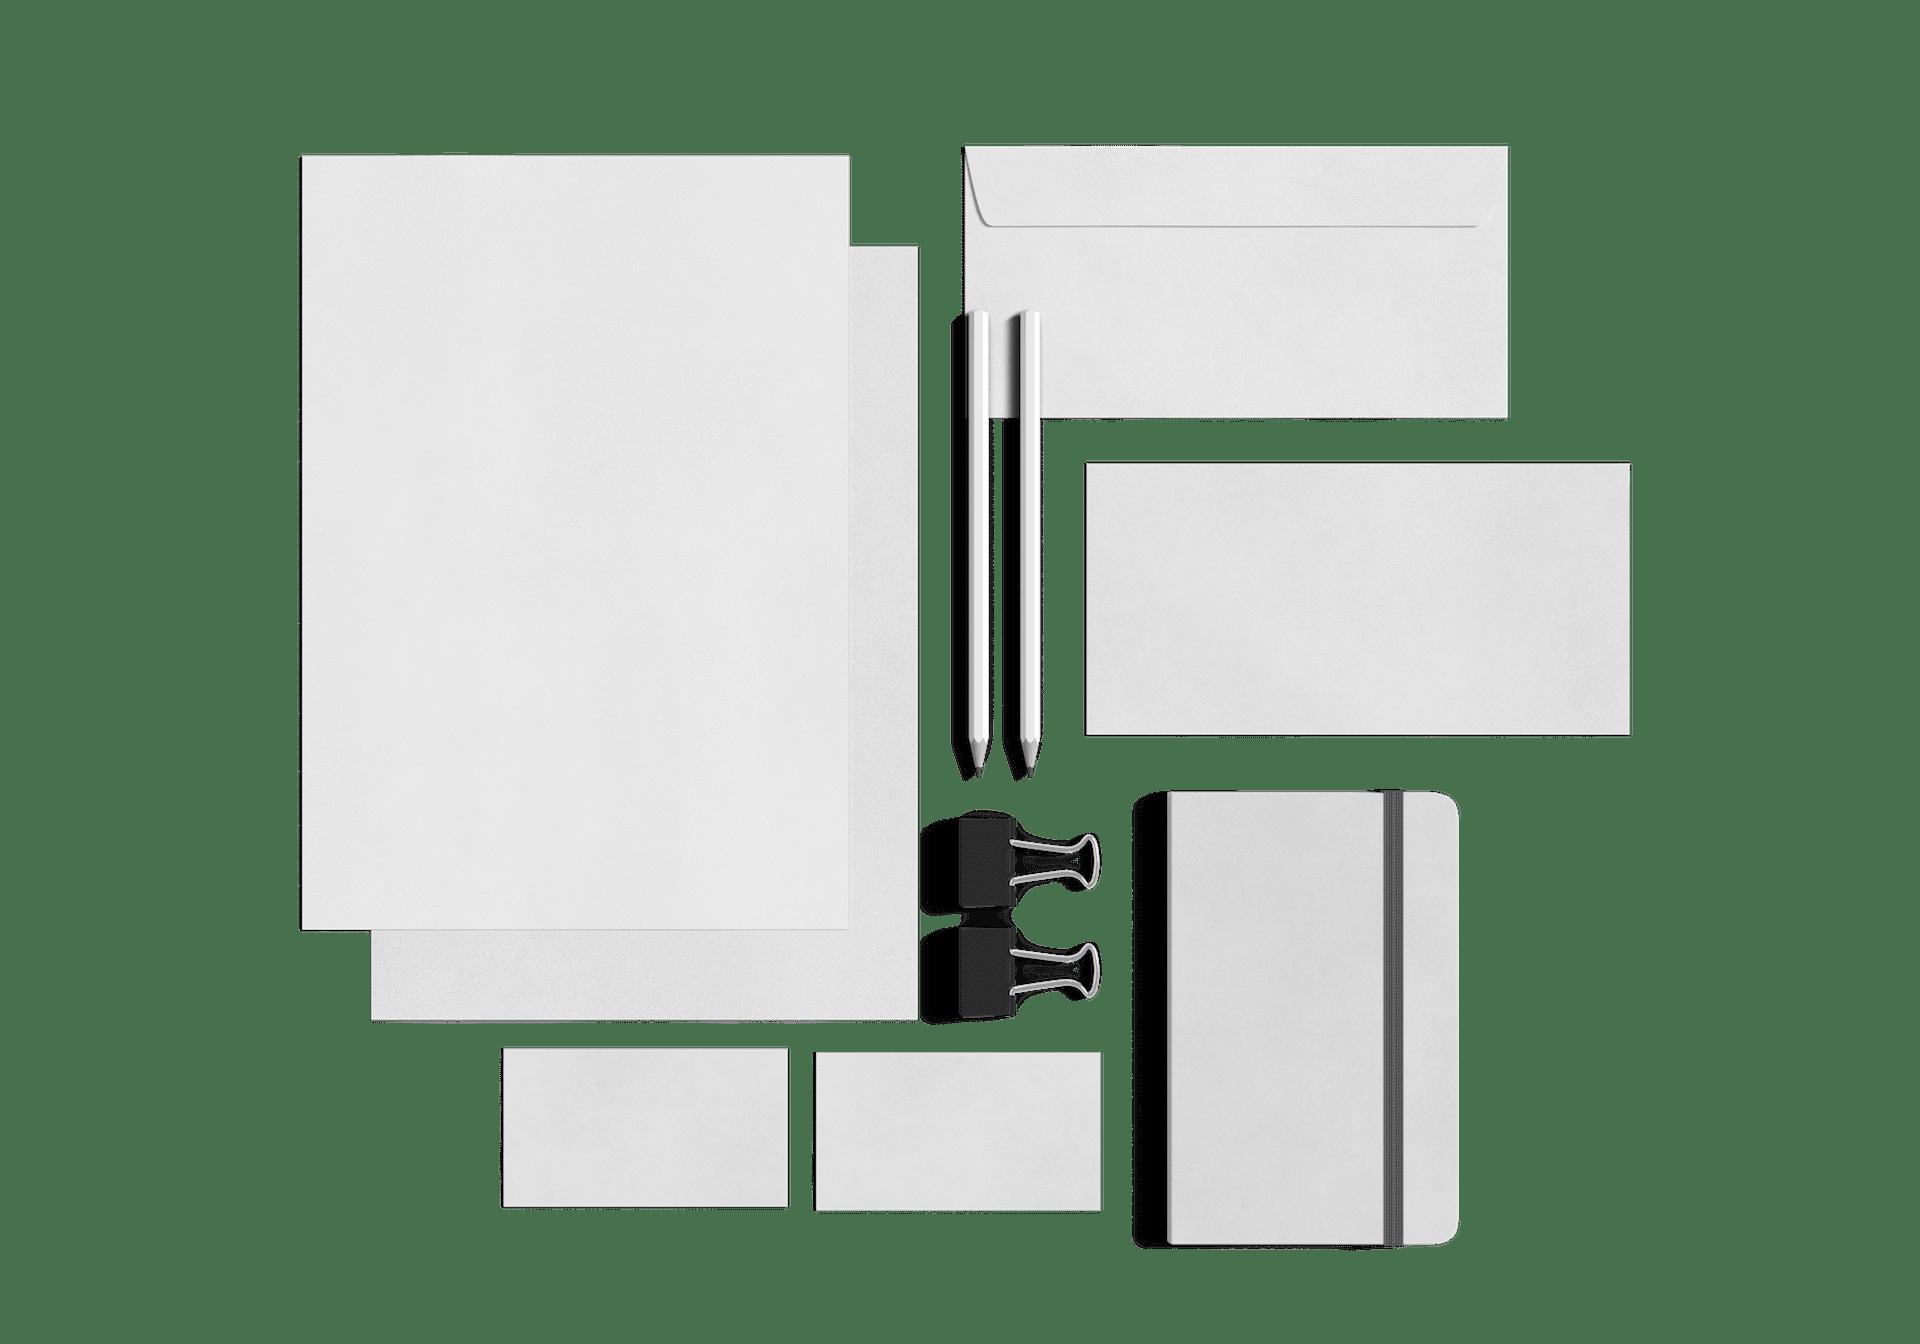 minuteman Leistungen - farbloses Bild - Briefpapier Kuvert Visitenkarten Notizblock - Aufkleber, Folder, Flyer, Bürobedarf, Plakate, Tassen, Aufsteller